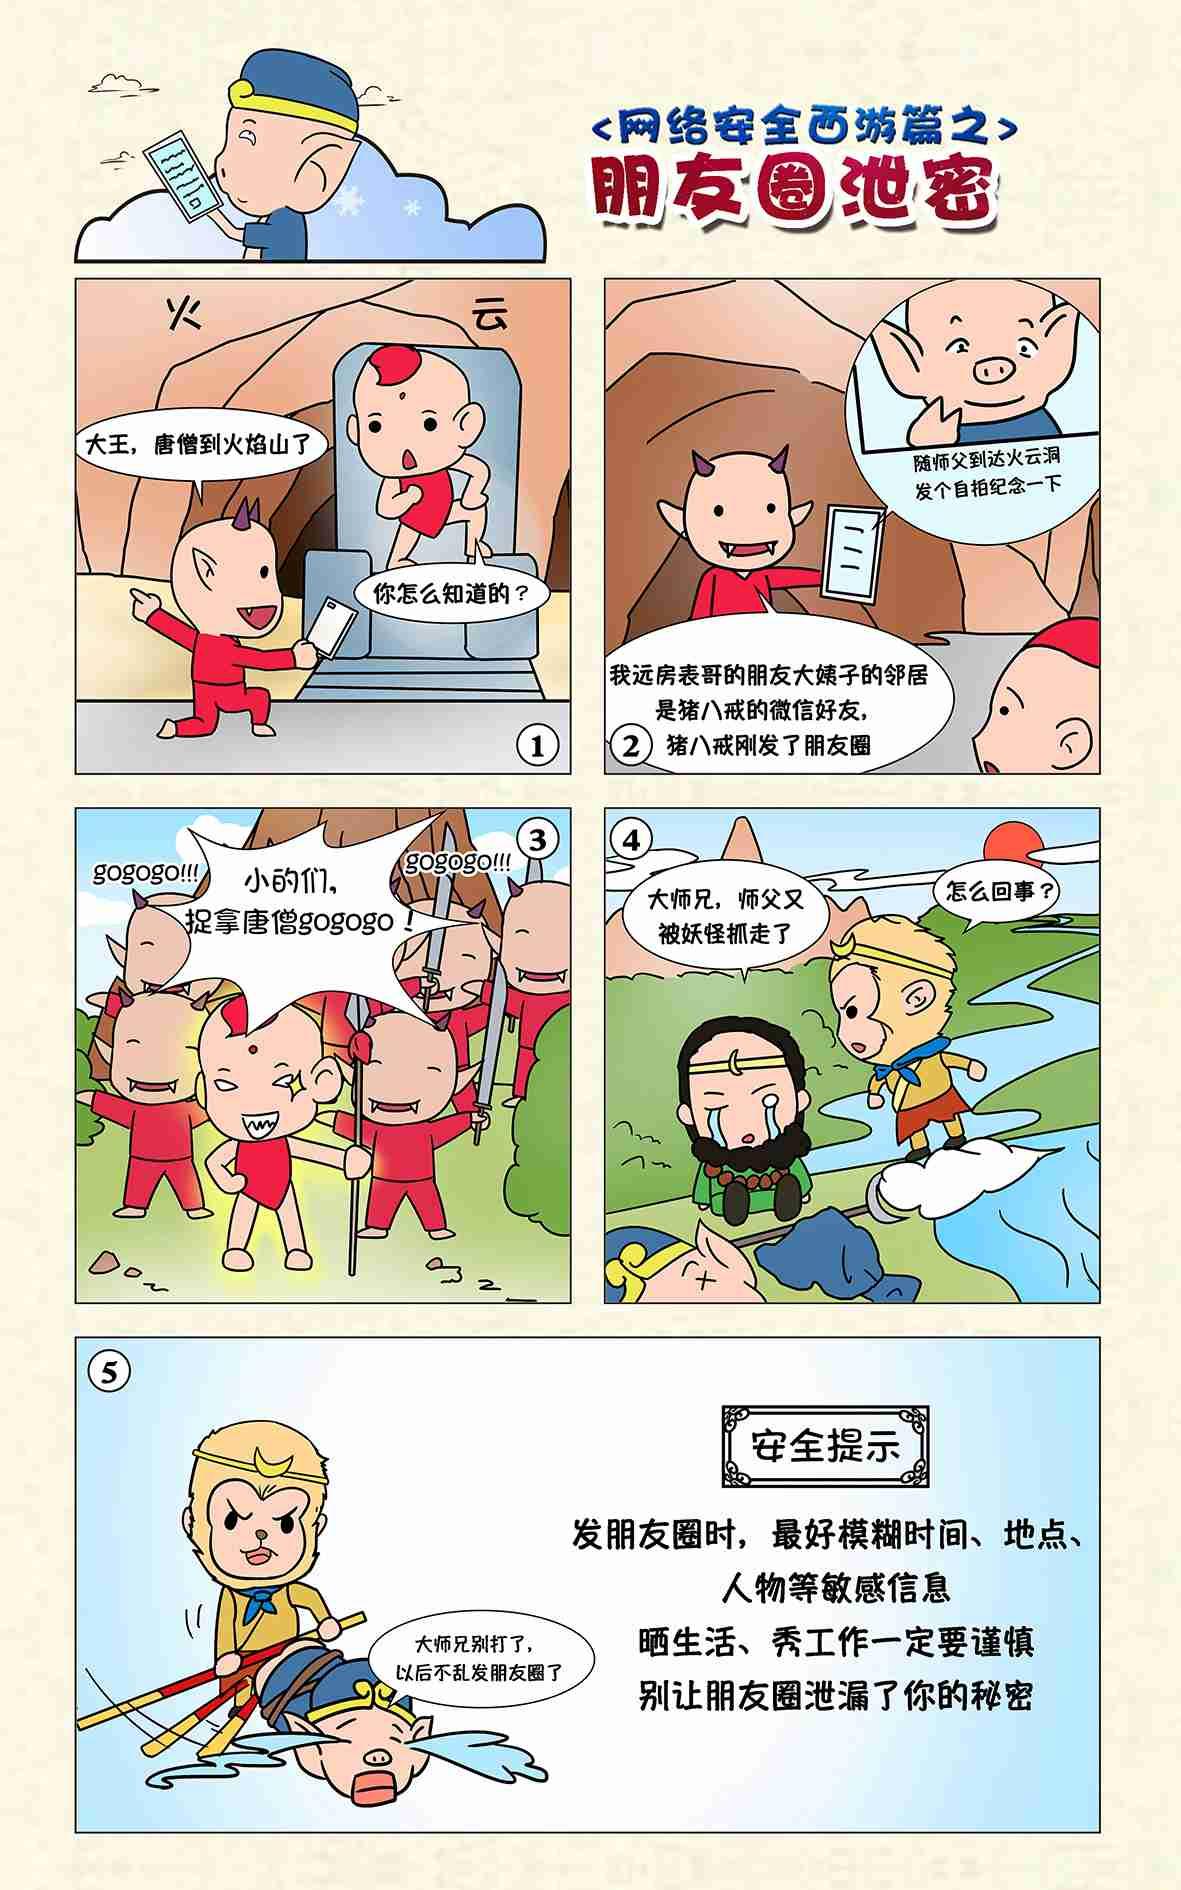 生活资讯_2016国家网络安全宣传周漫画展示(图)_凤凰资讯